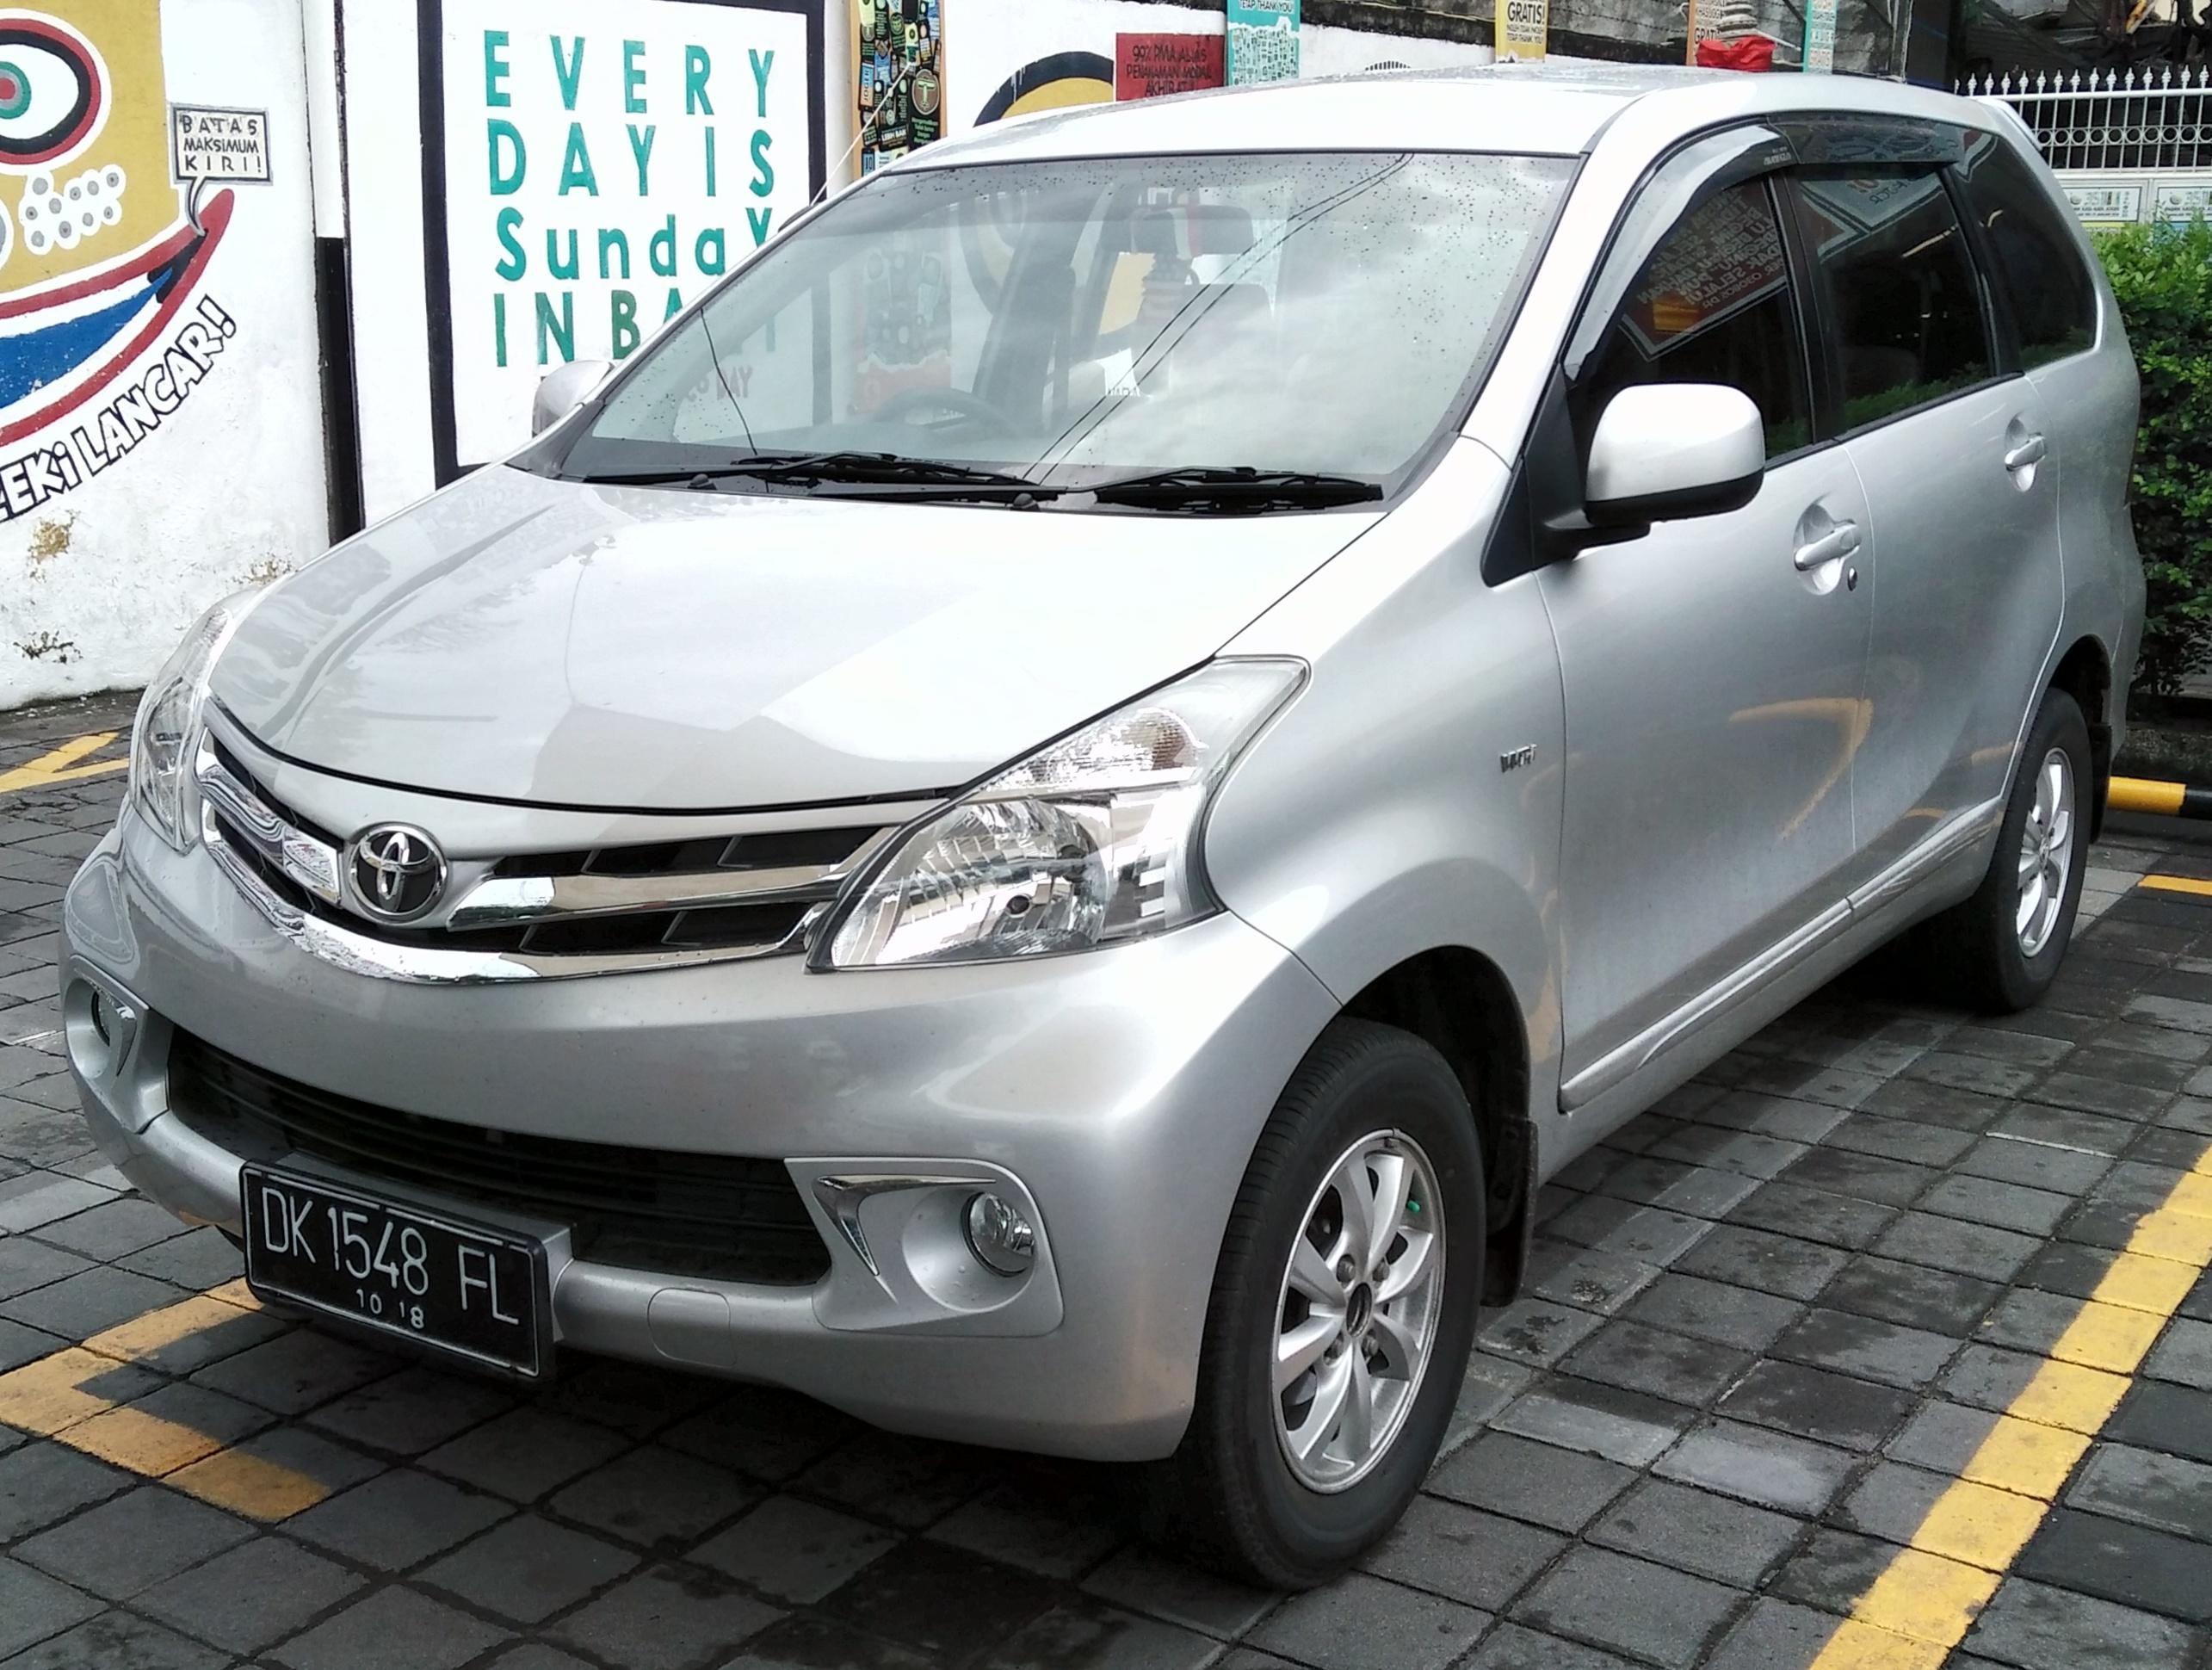 Kekurangan Toyota Avanza 2013 Perbandingan Harga